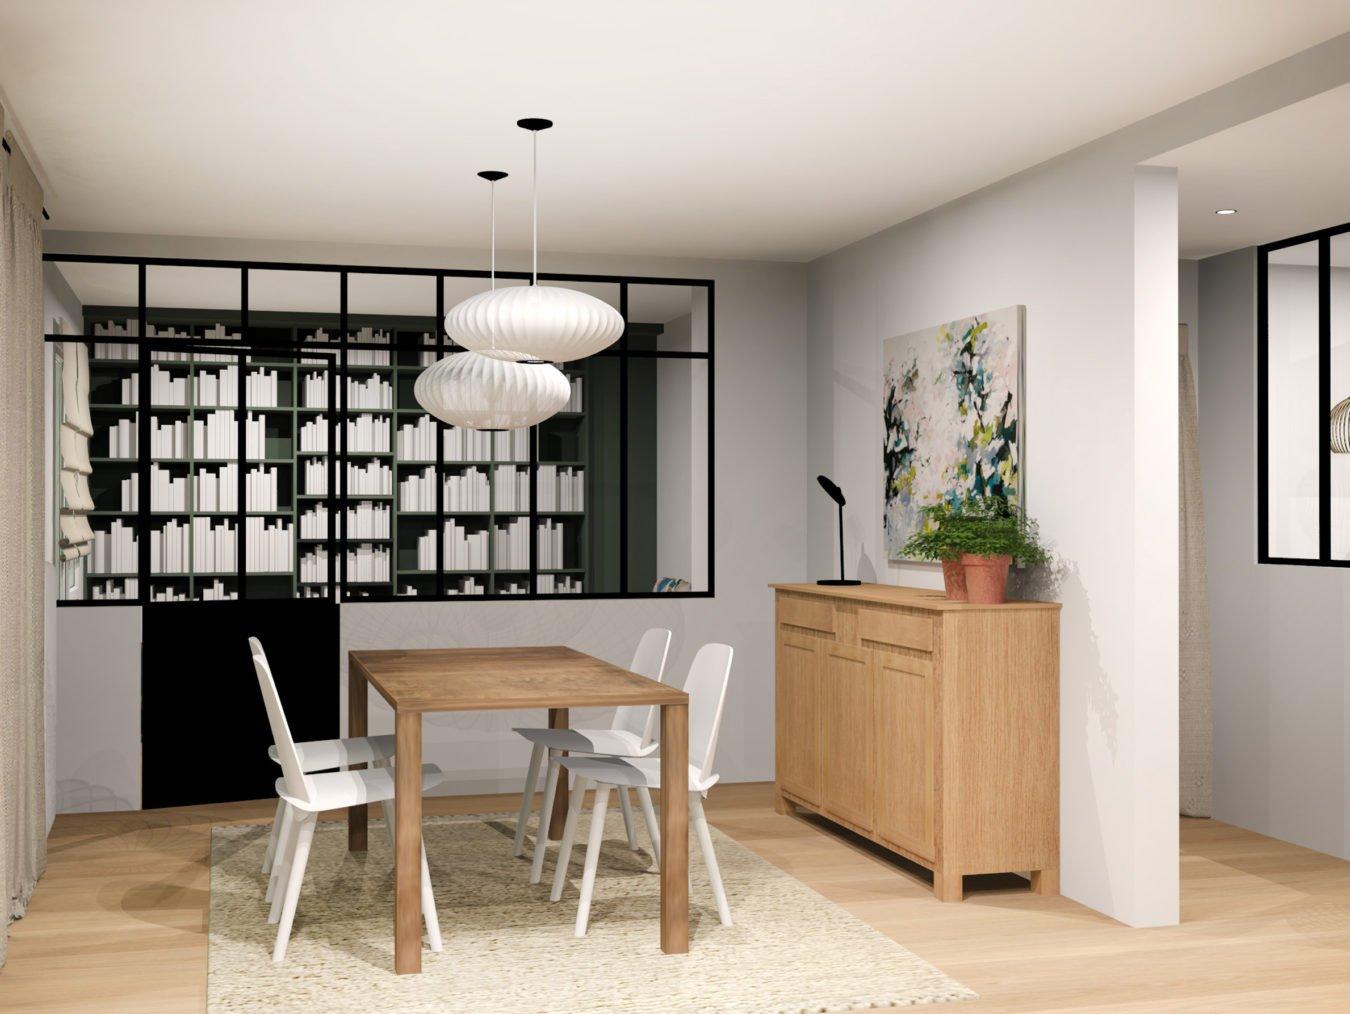 Anouck Charbonnier - Conception d'une bibliothèque pour le projet Henry Bordeaux à Annecy